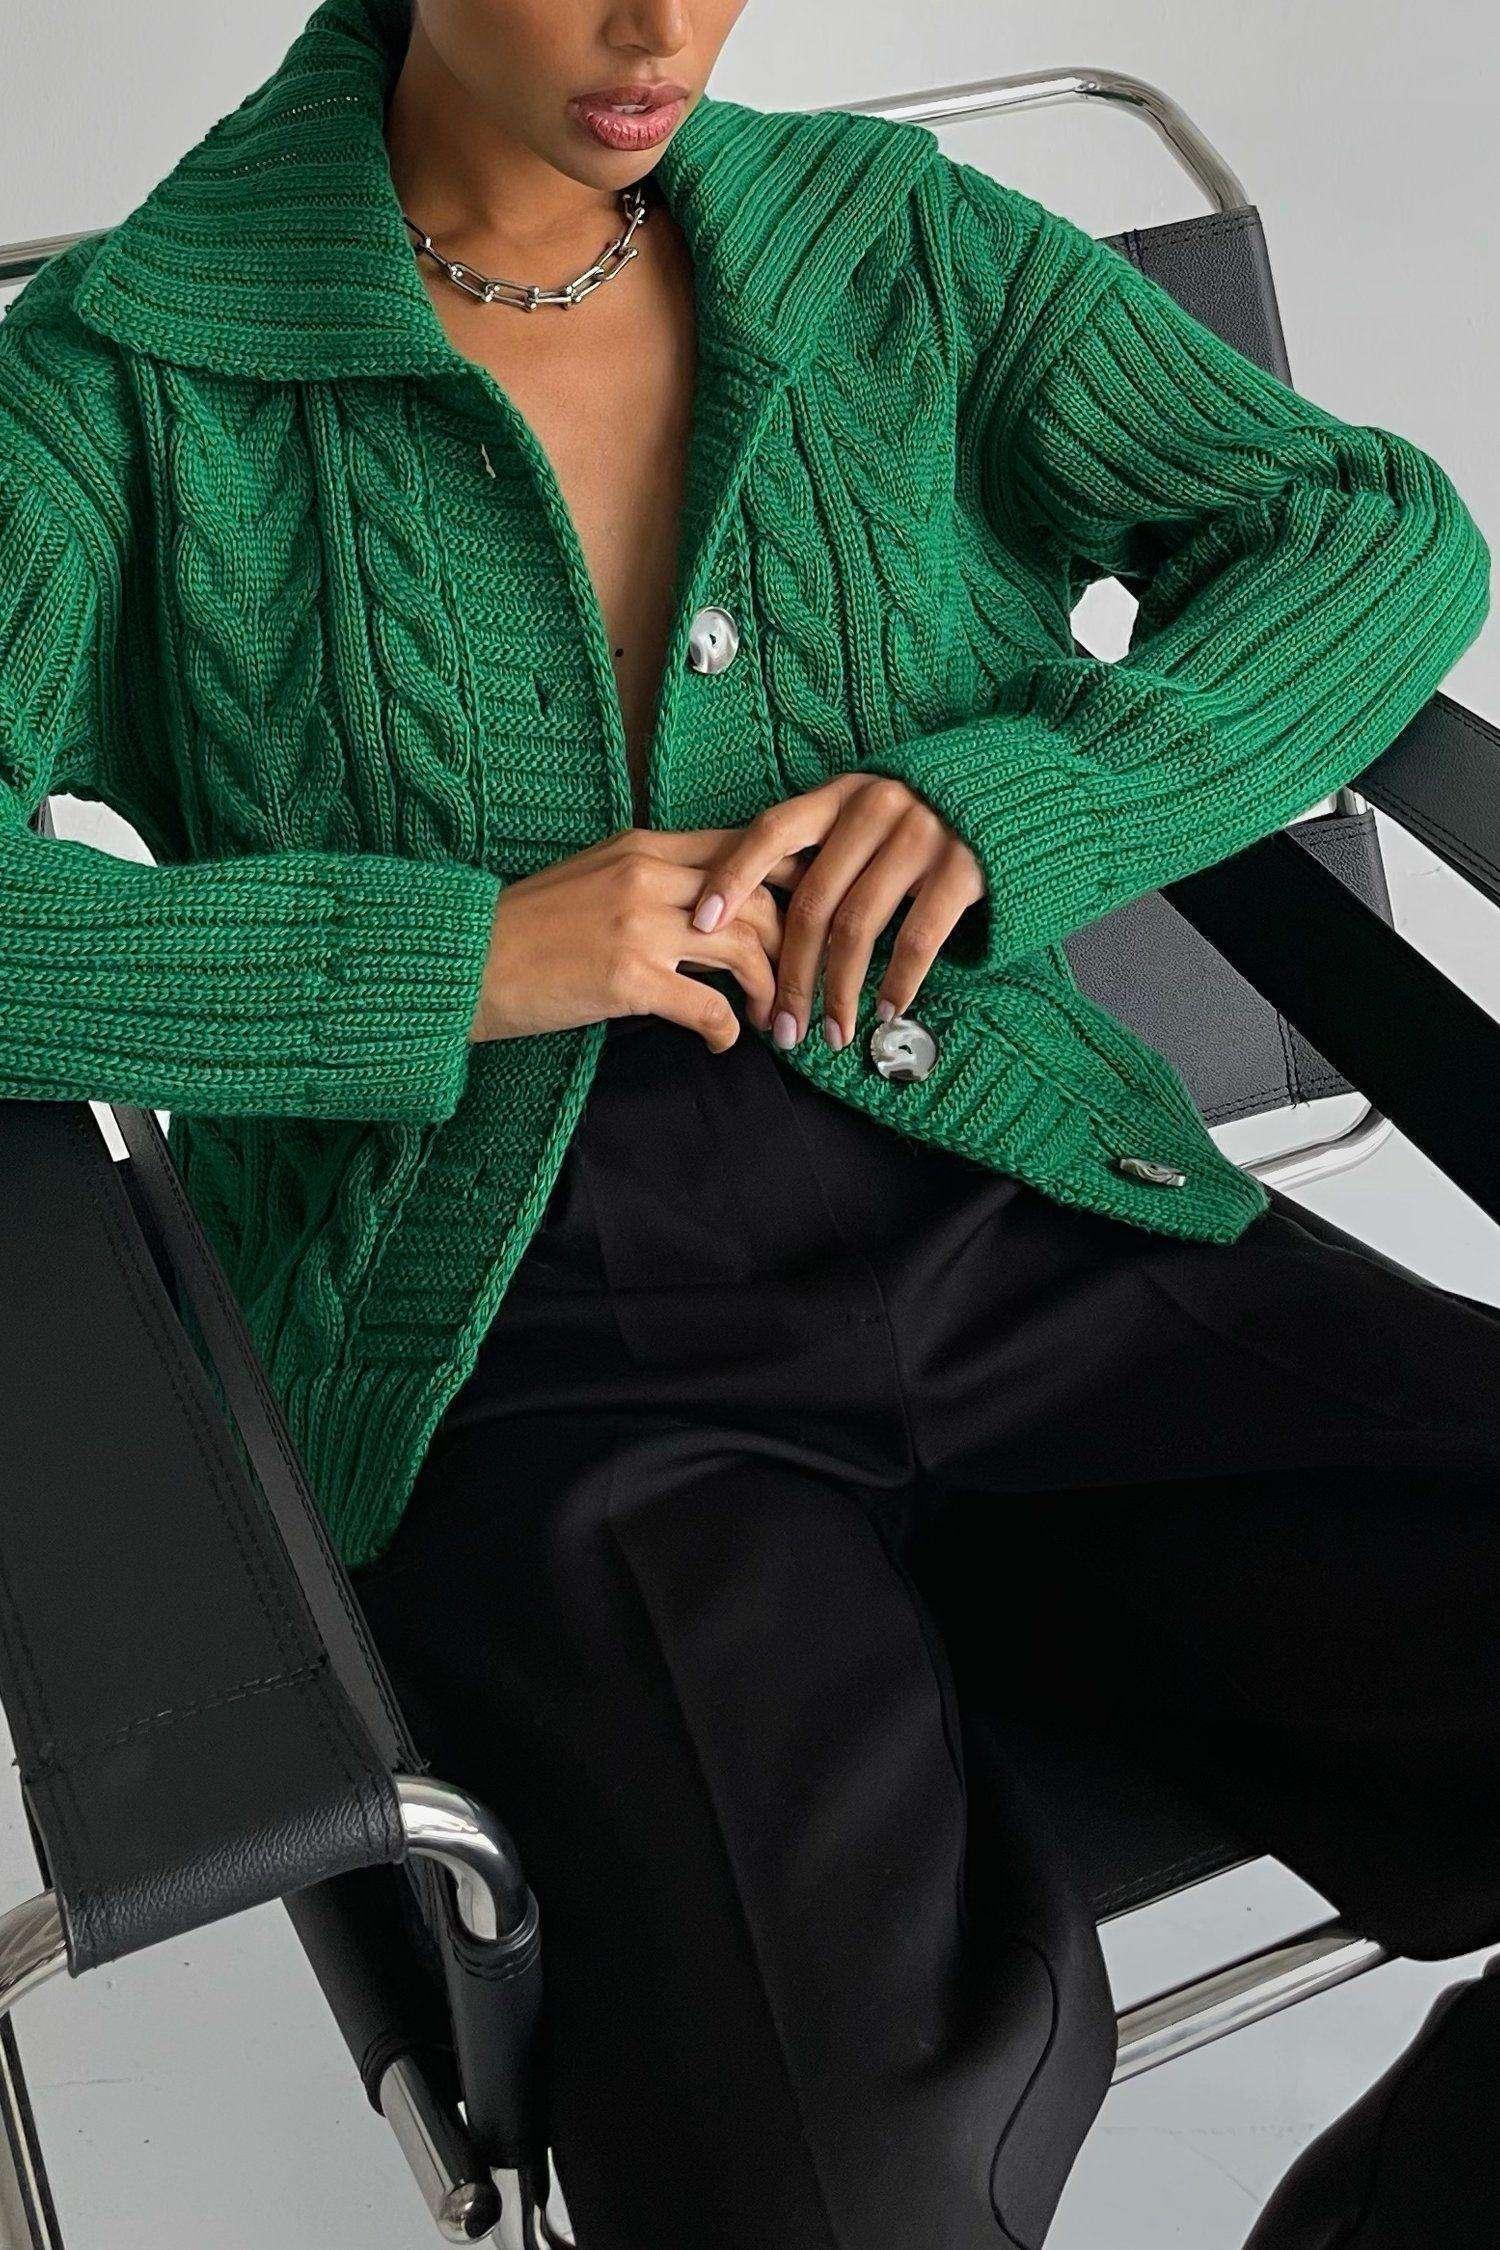 Кардиган вязаный с узором зеленый - THE LACE